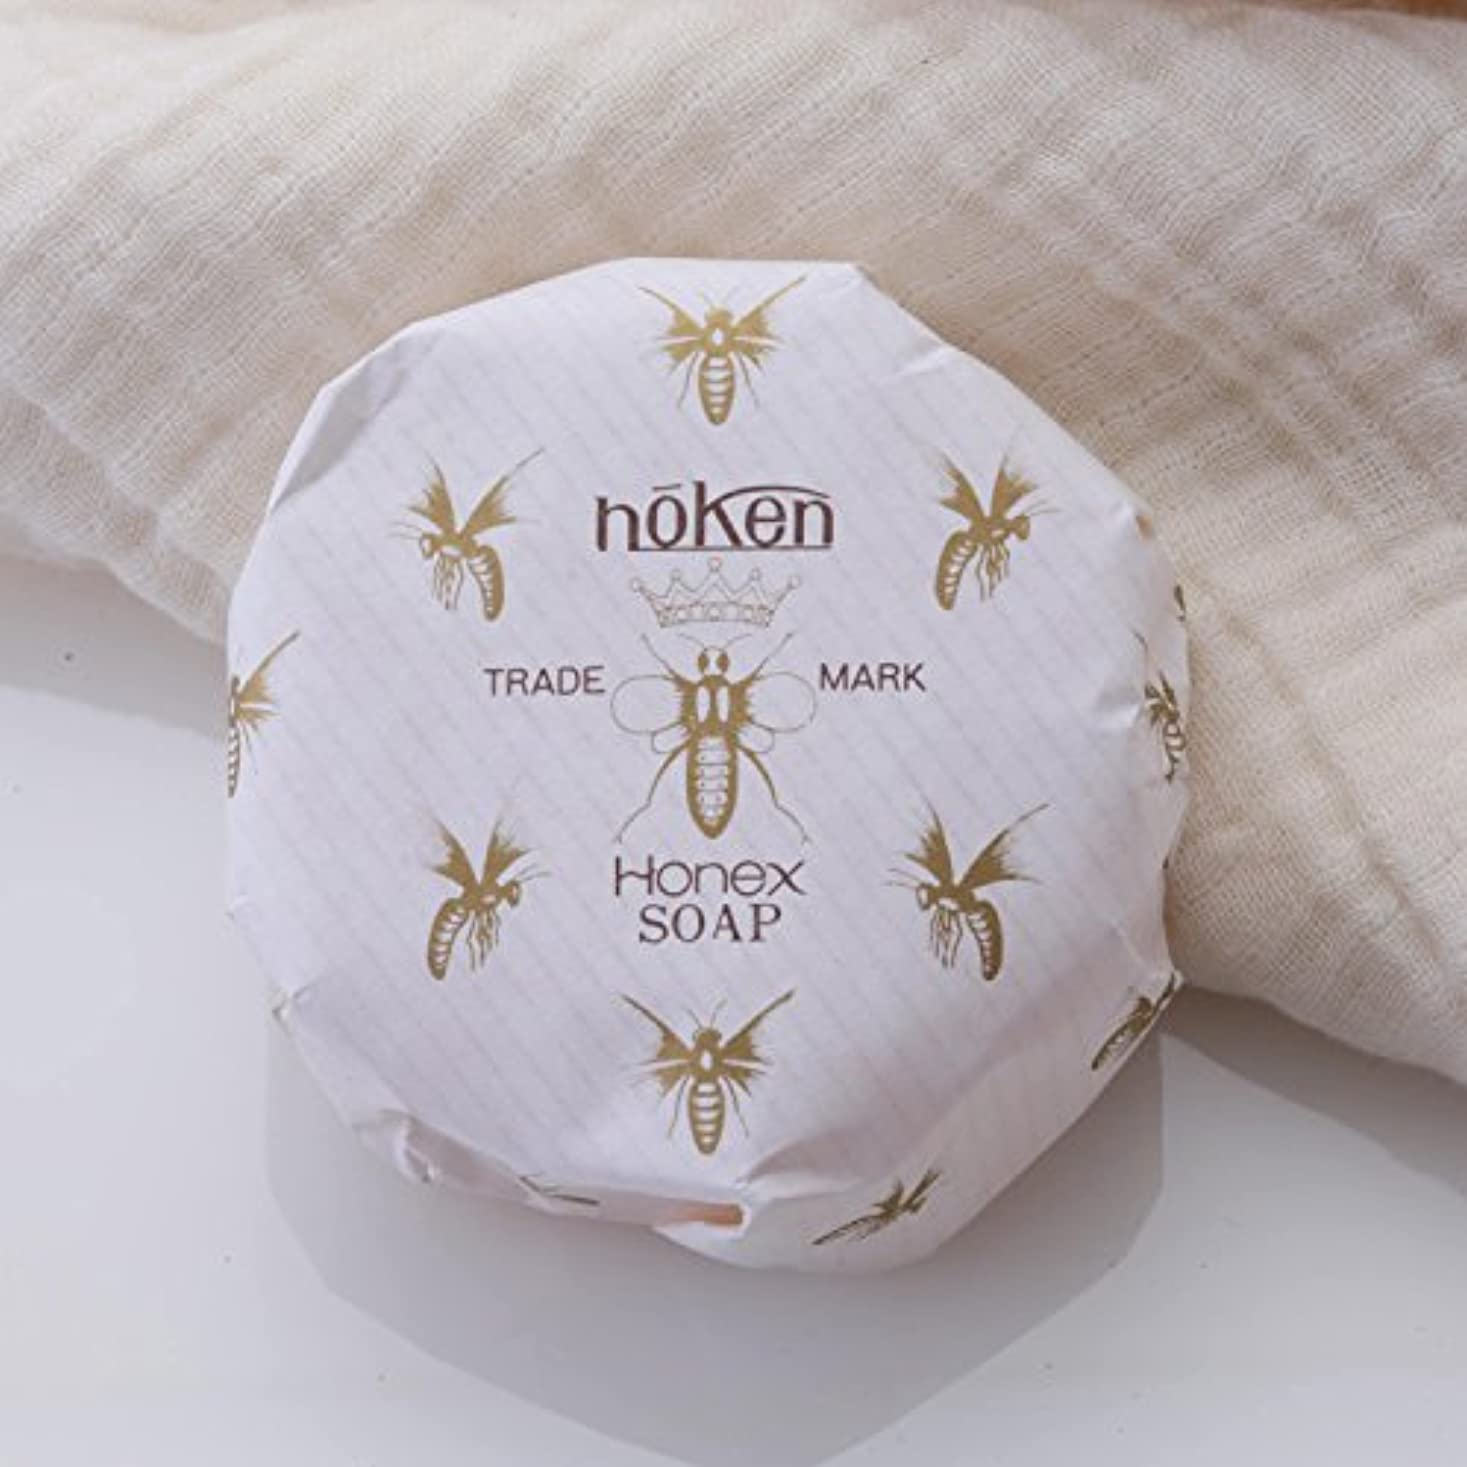 豆到着する集団HOKEN/HONEYX ソープ 大